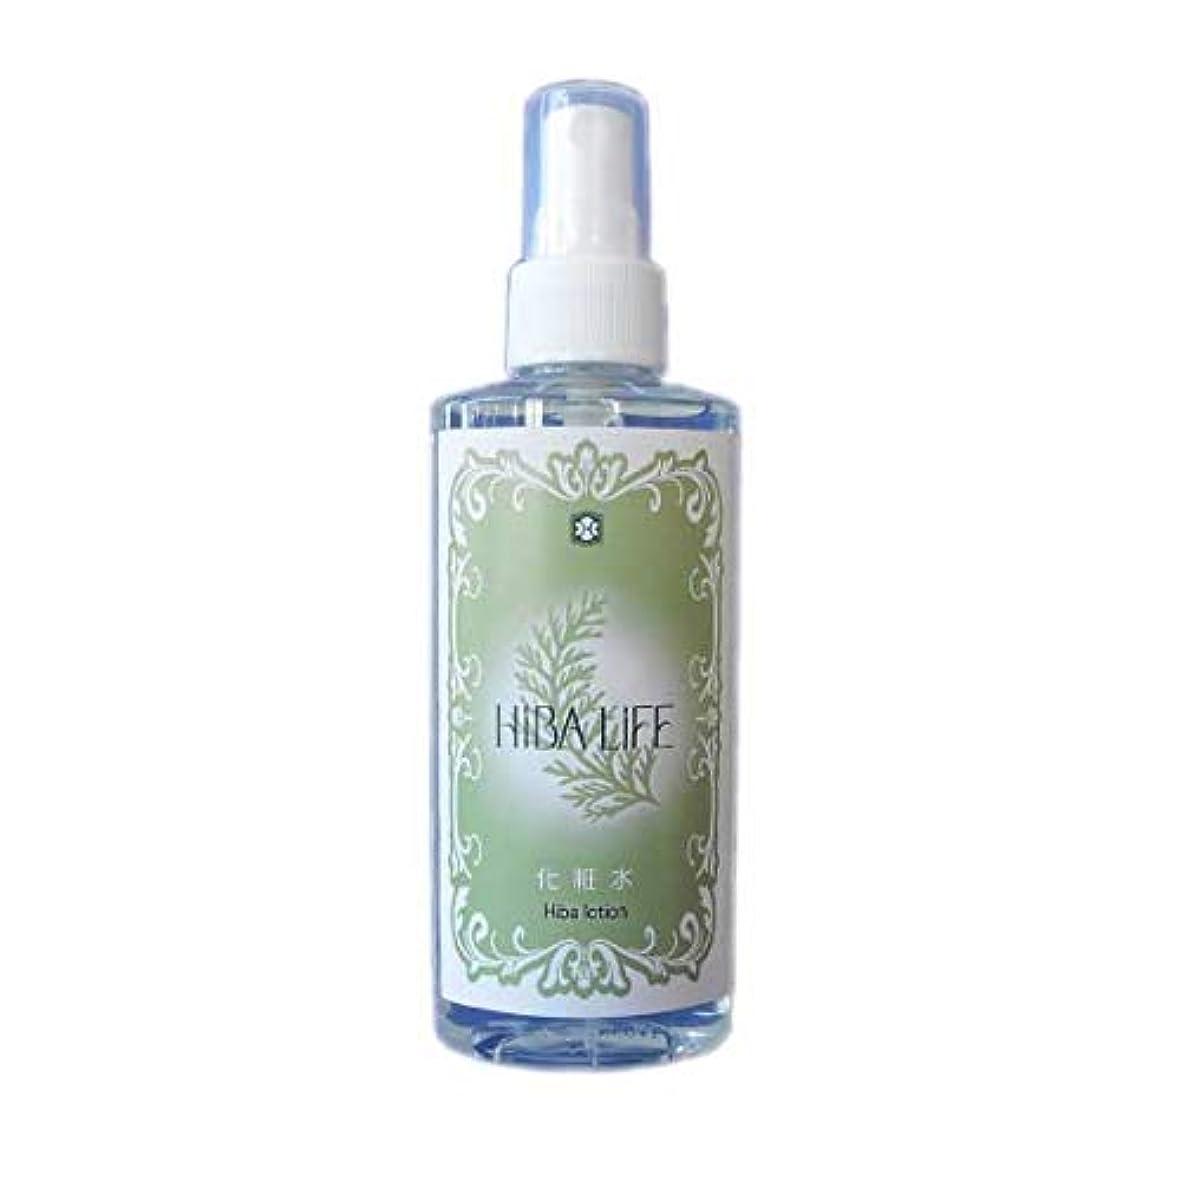 結晶貸し手予感ひばの森化粧水